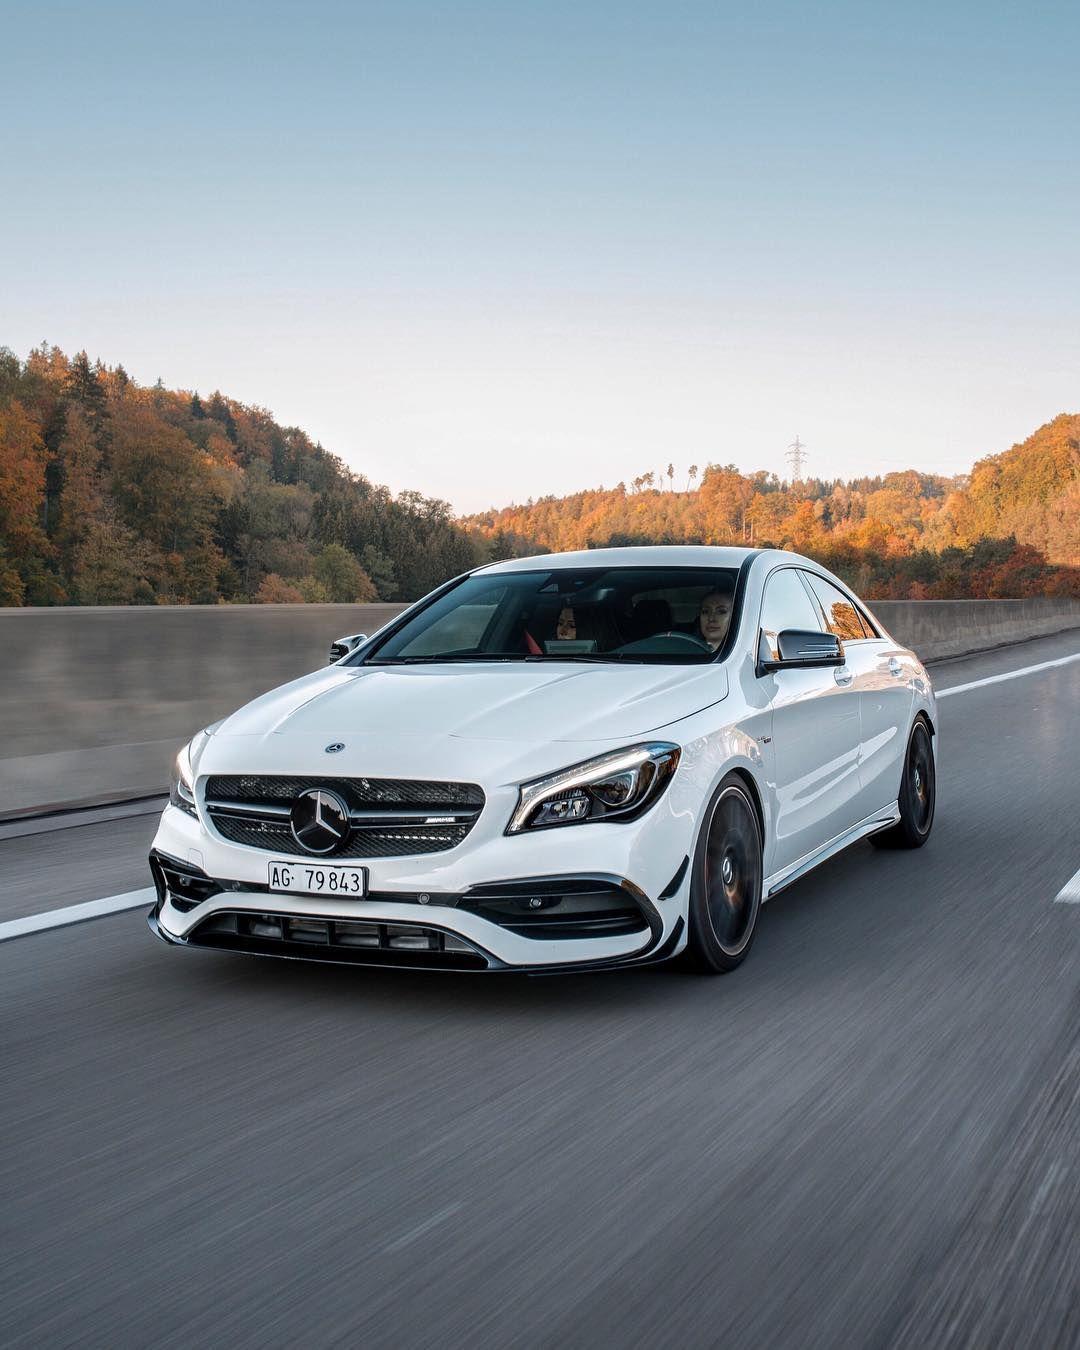 Mercedes Cla 45 Amg Cla 45 Amg Amg Mercedes Car